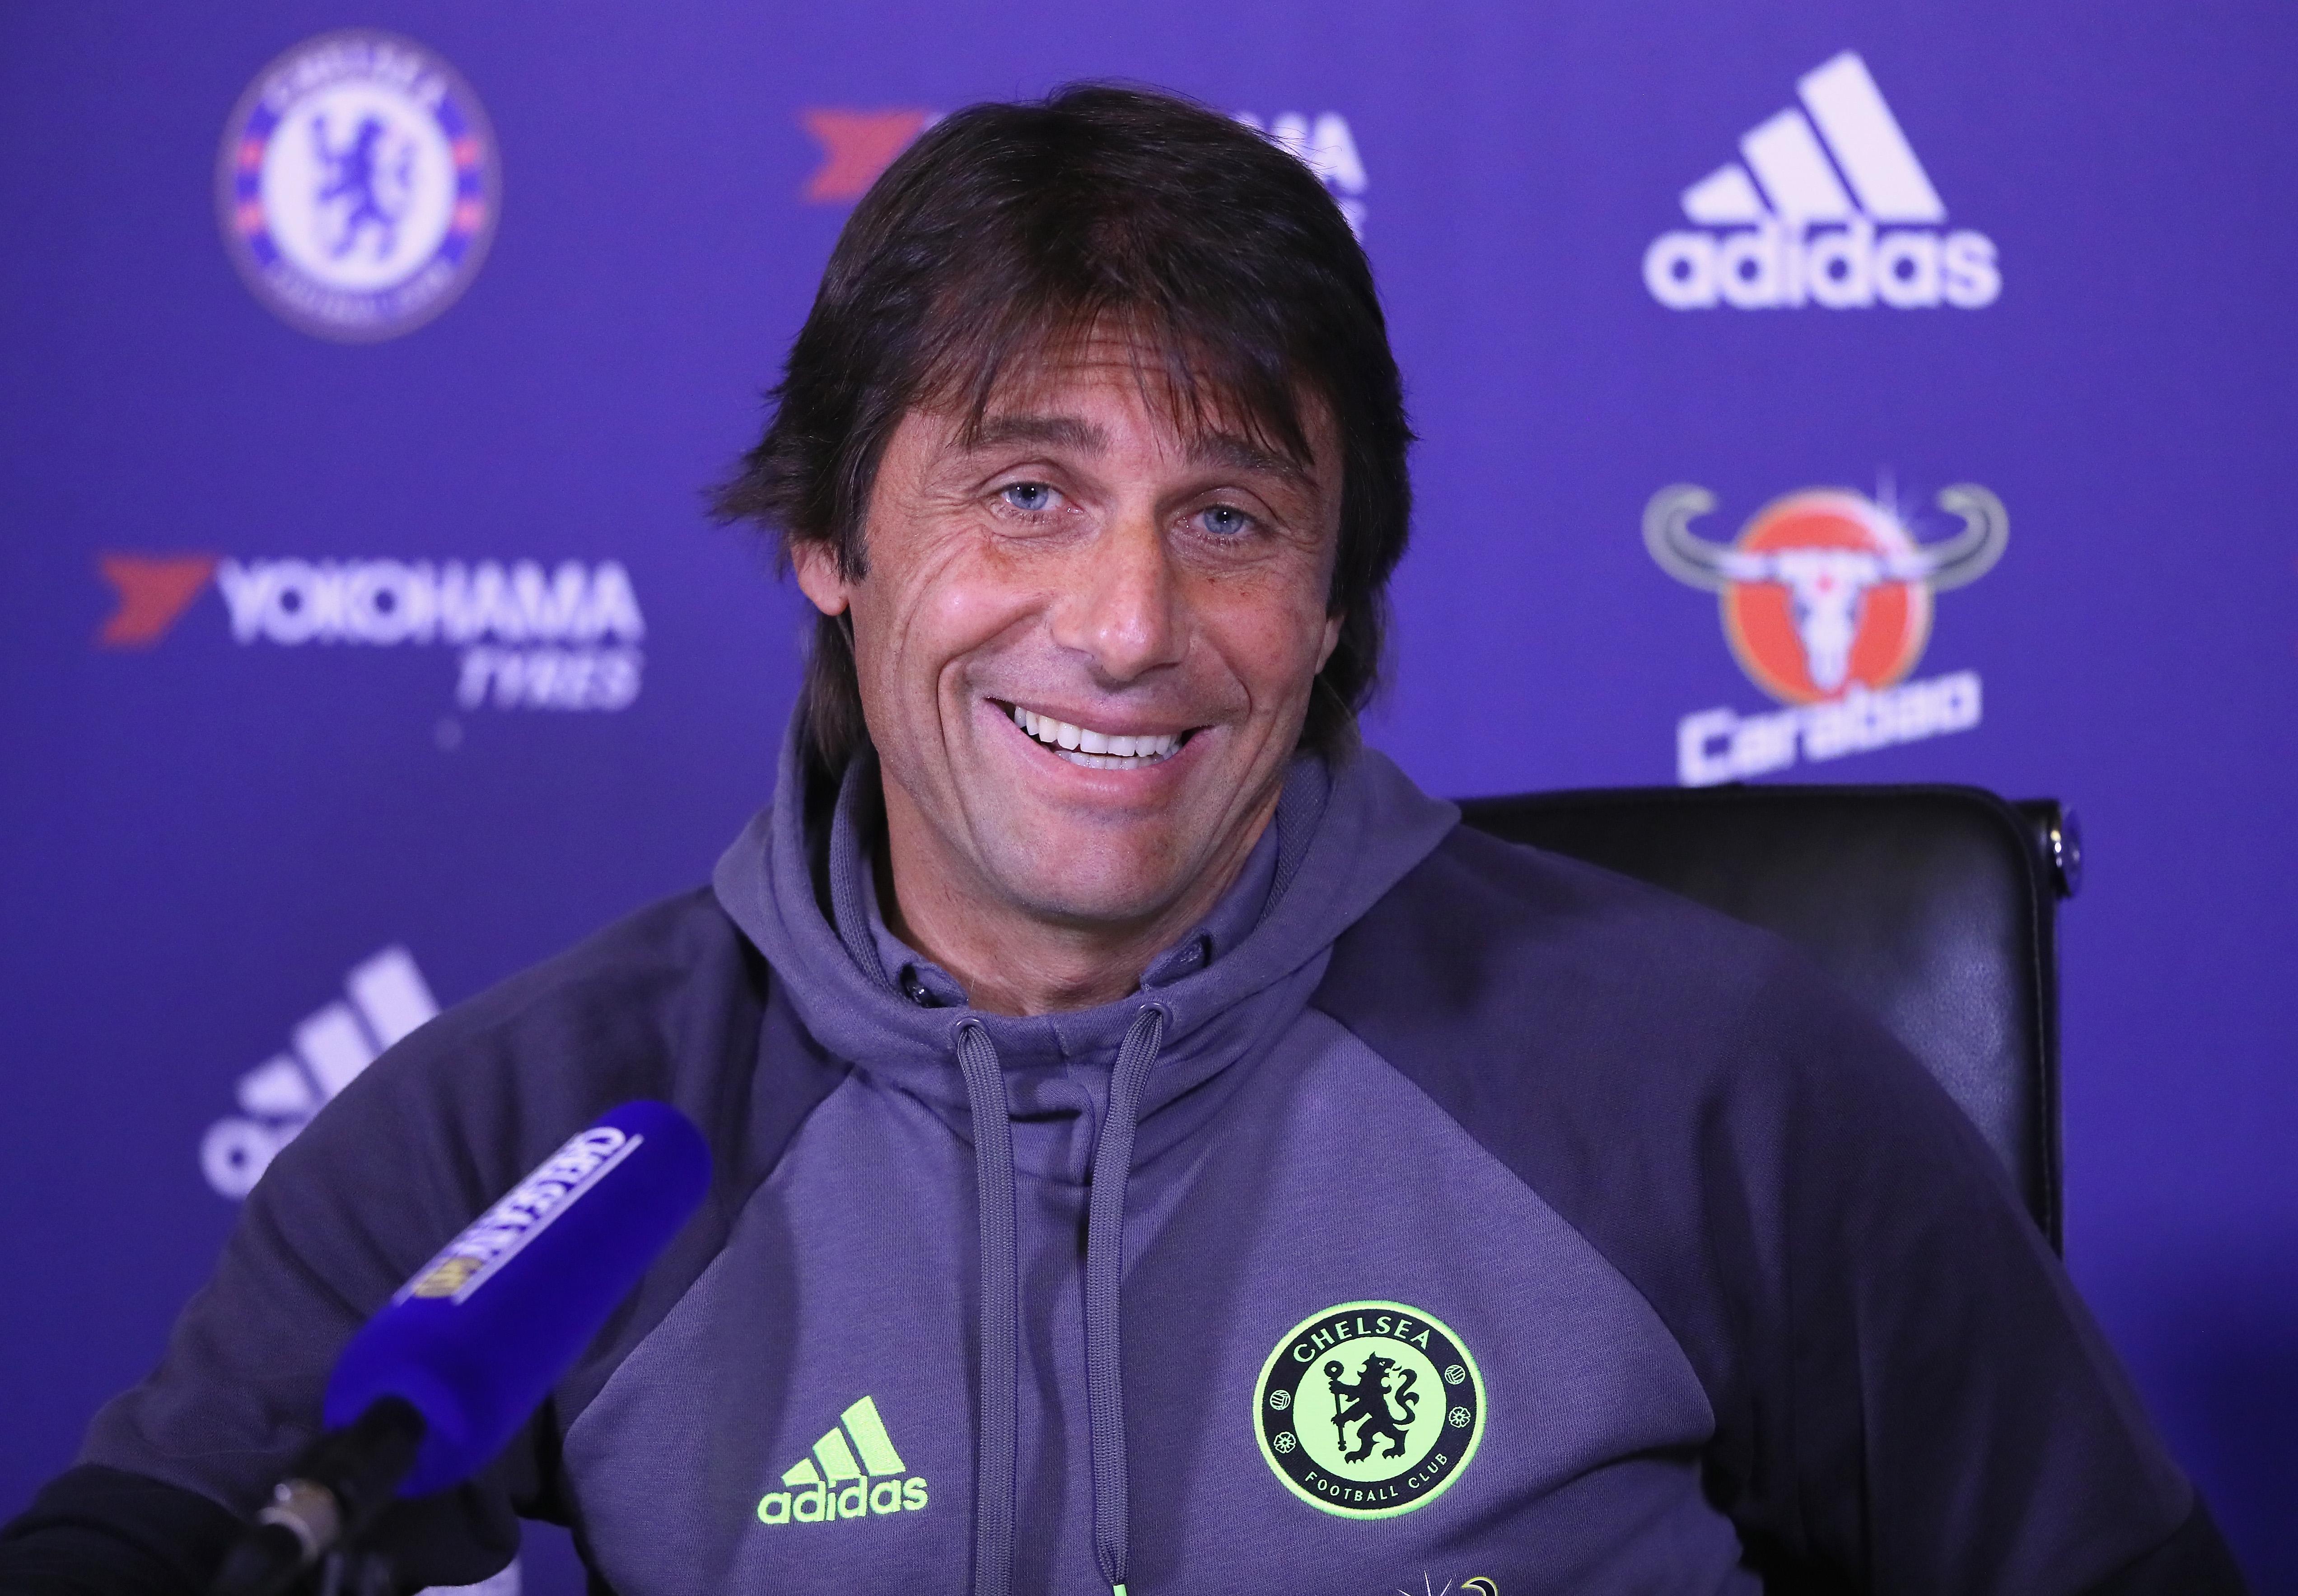 PSV confirm Chelsea's Marco van Ginkel is on their shortlist